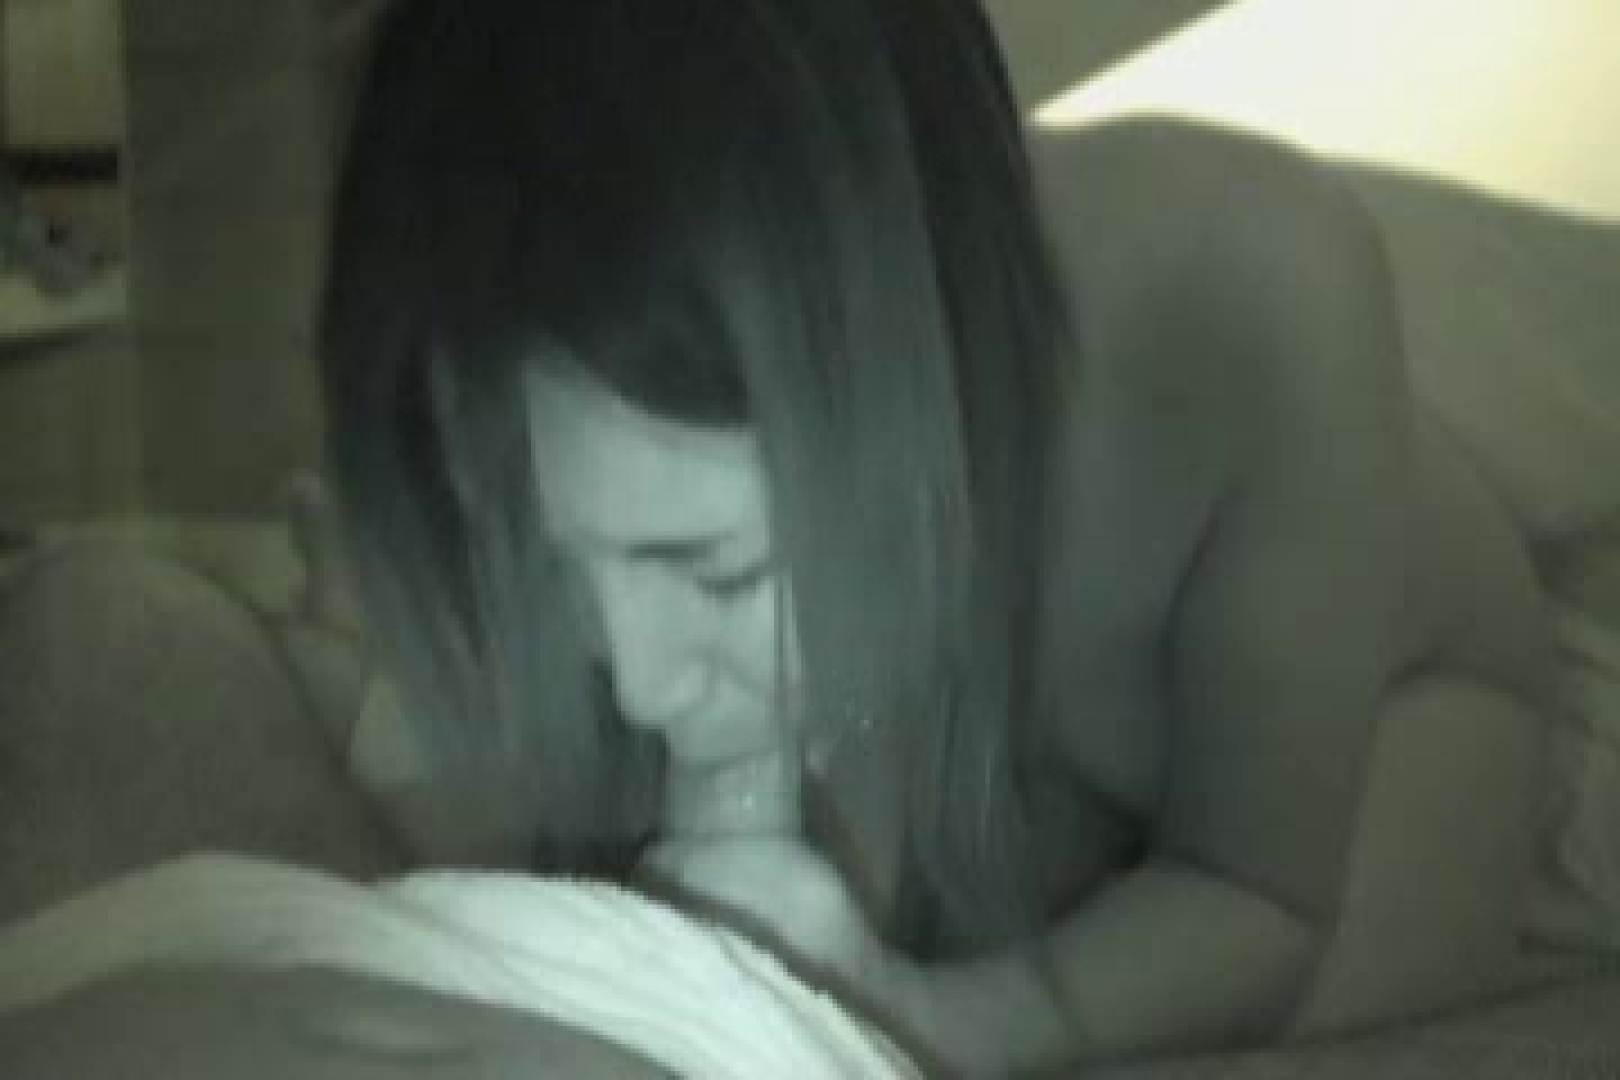 タレ目ちゃんに電気を消して中出し アナル 盗み撮り動画 88枚 78